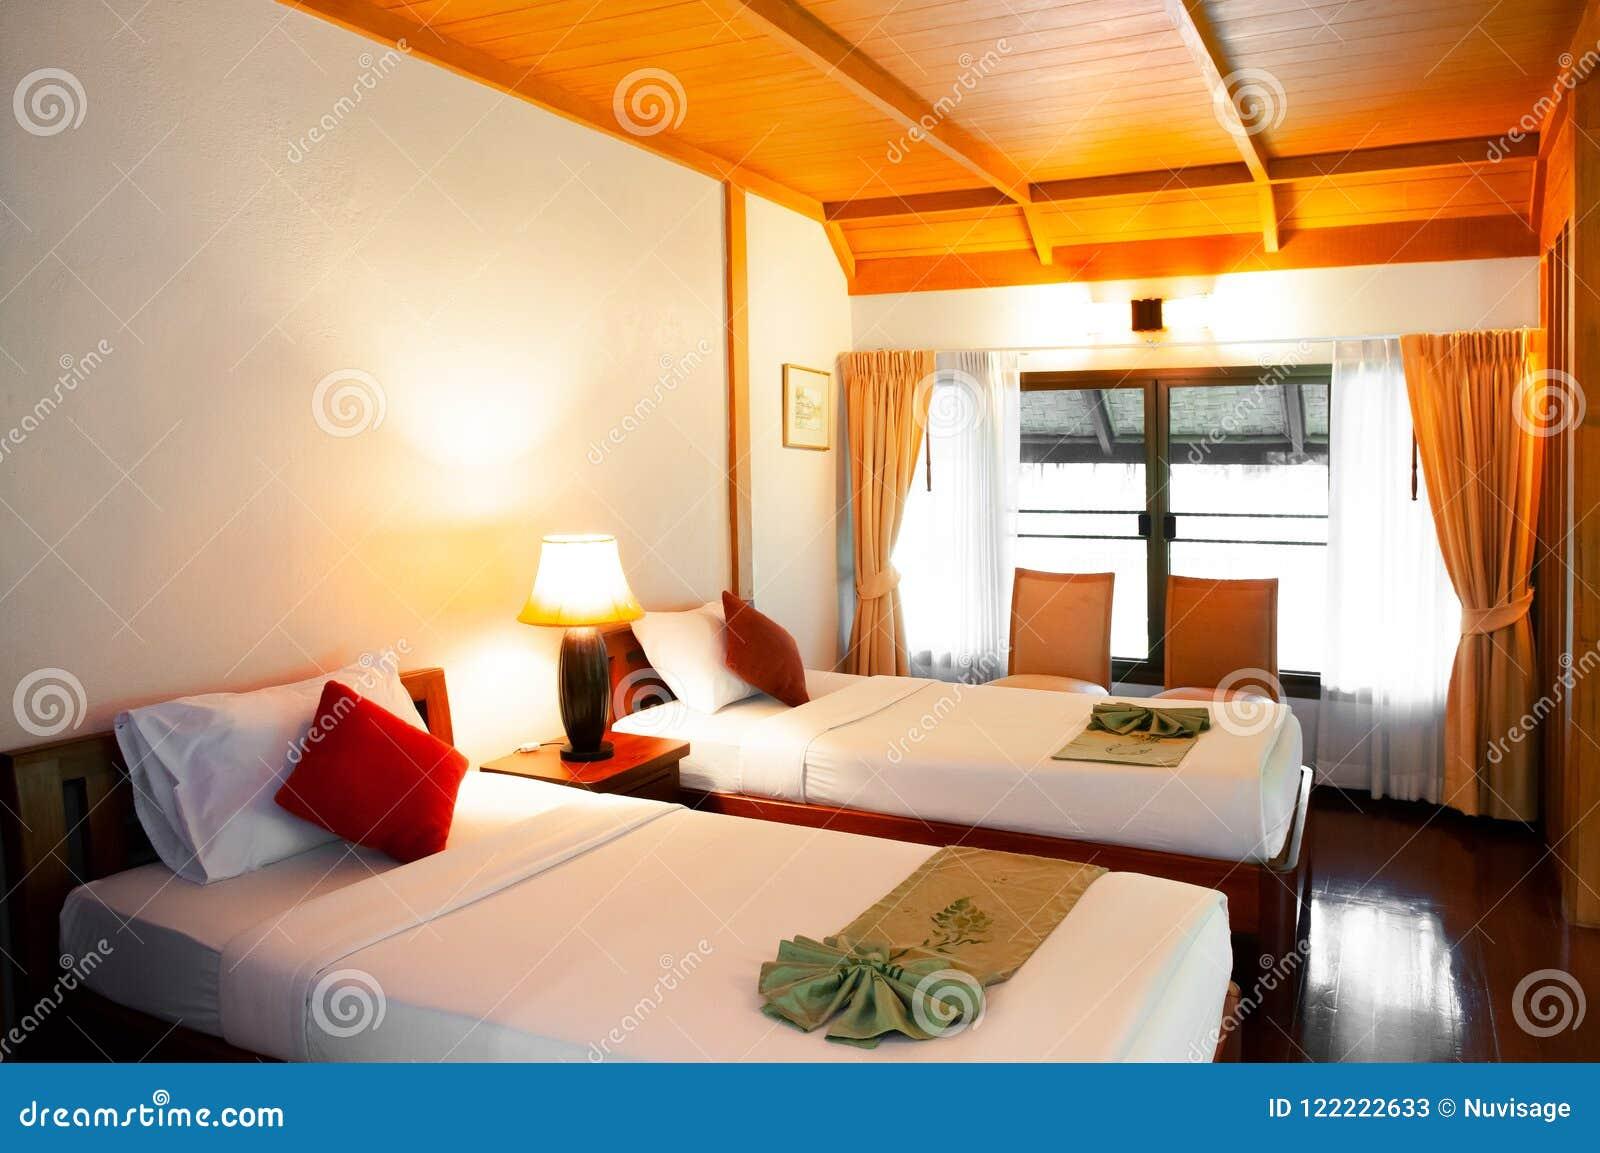 Camere Da Letto Con Letto A Baldacchino : Camera da letto baldacchino. excellent come arredare la camera da